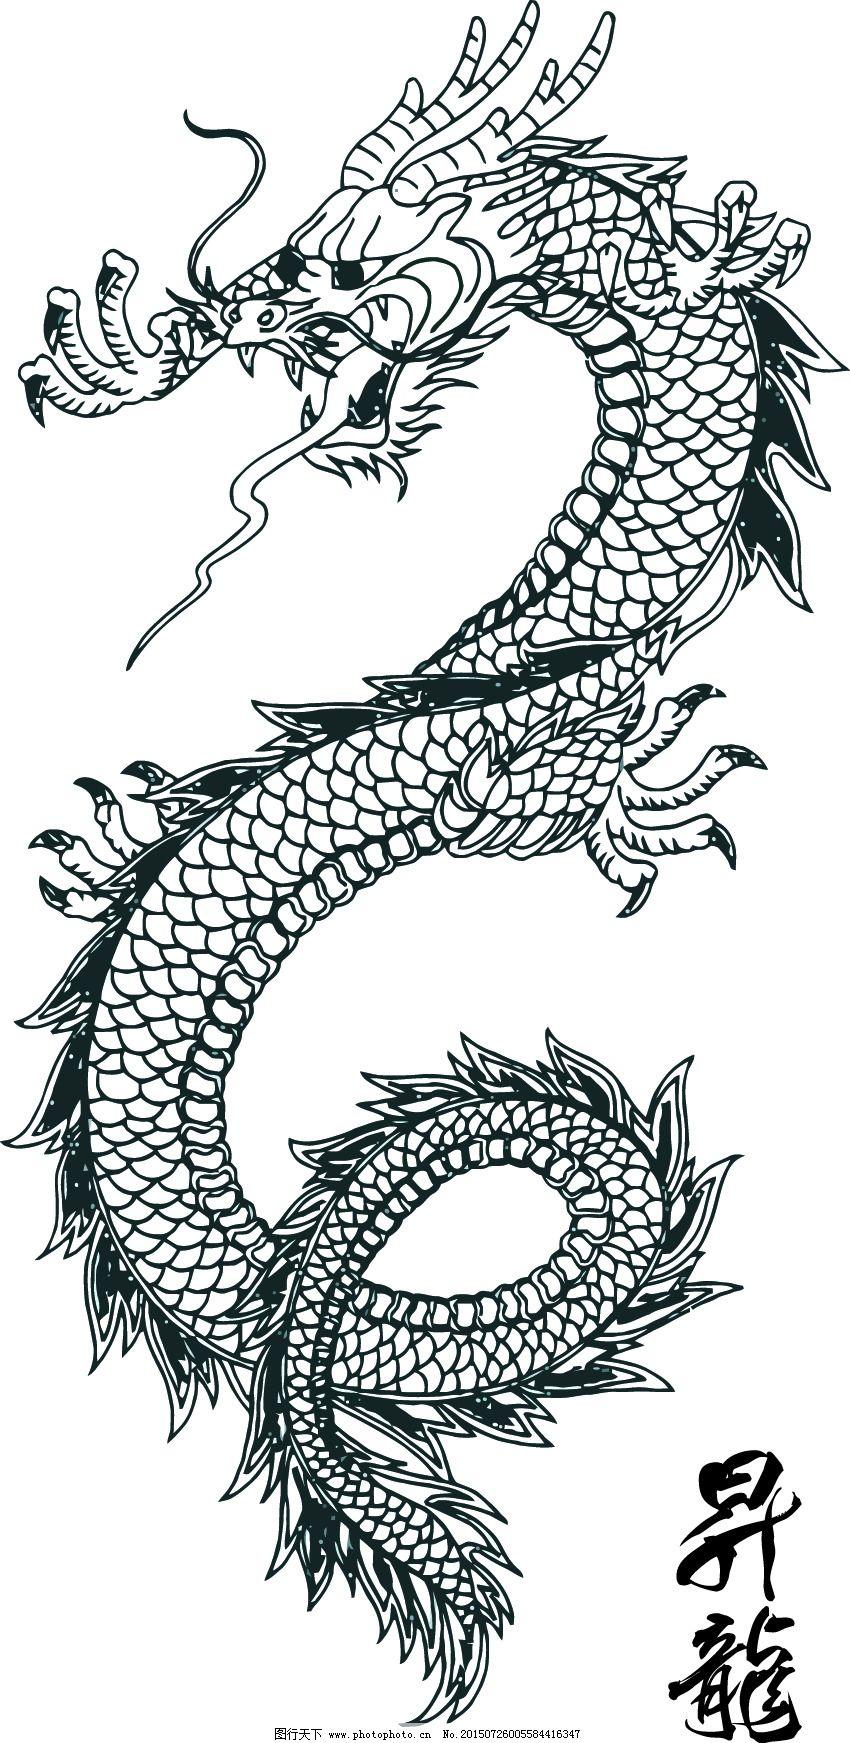 中国龙黑白霸气图